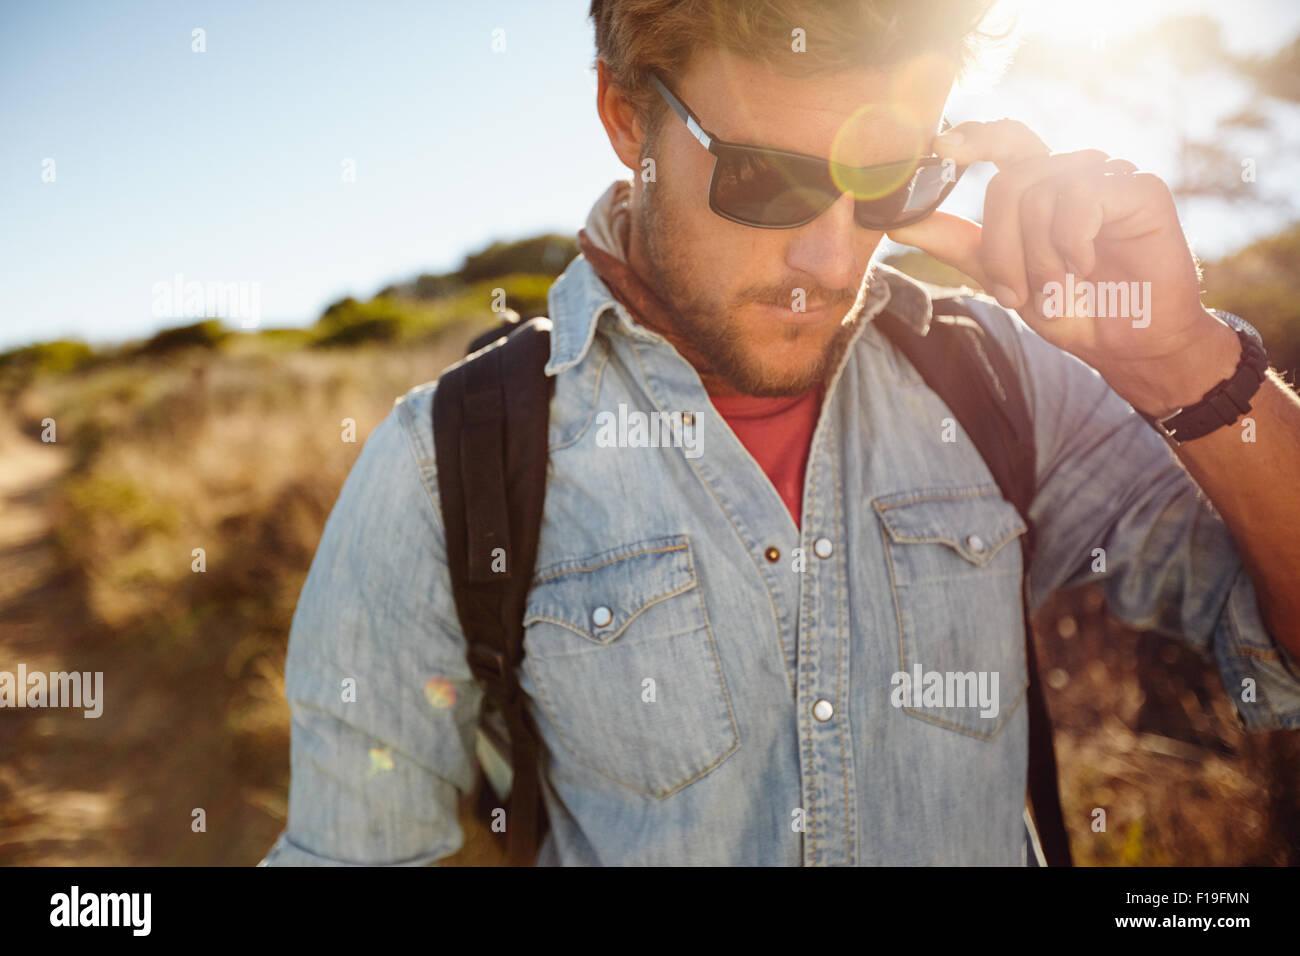 Immagine ravvicinata del giovane uomo sul paese escursione. Caucasian maschio modello escursionismo indossando occhiali Immagini Stock